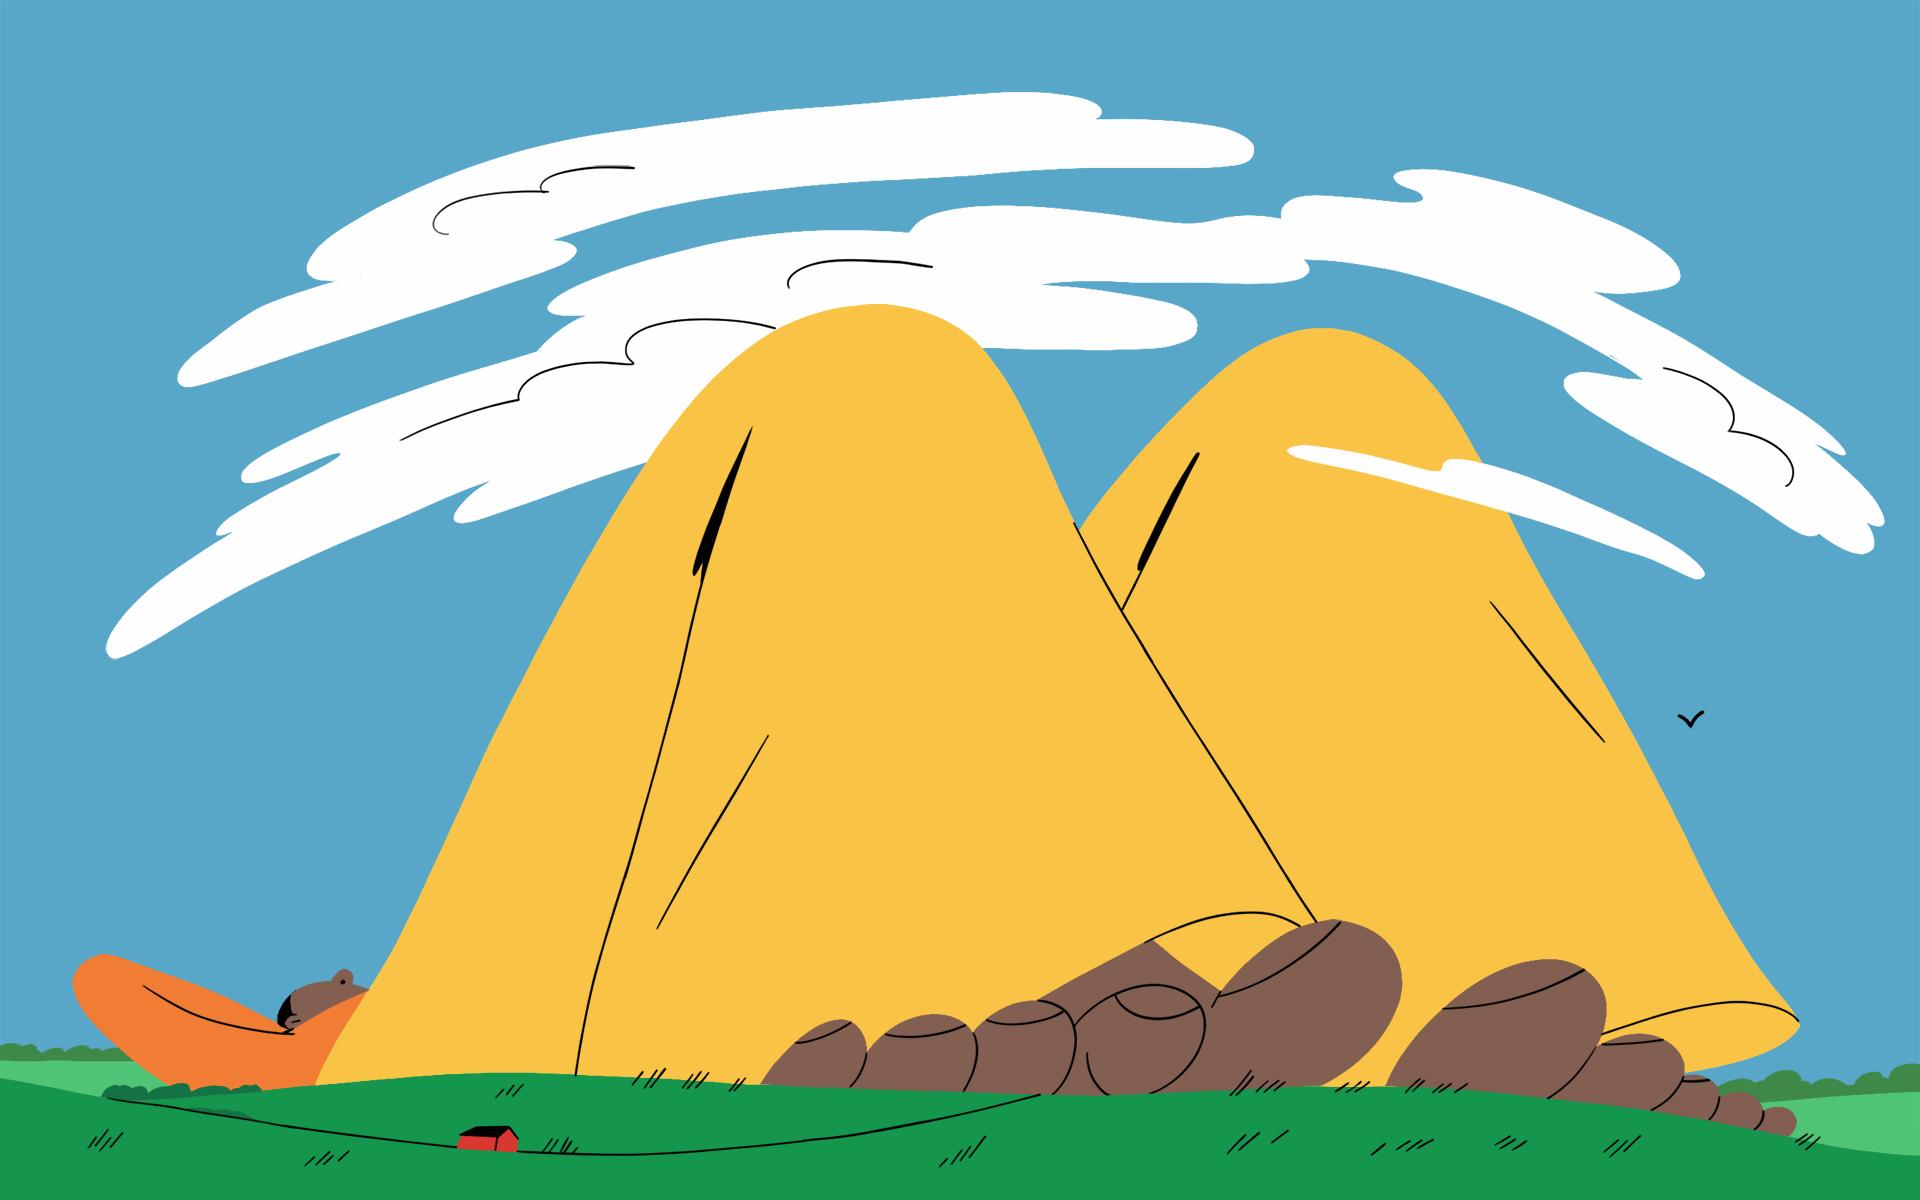 Wallpaper_Mountain_Final.jpg